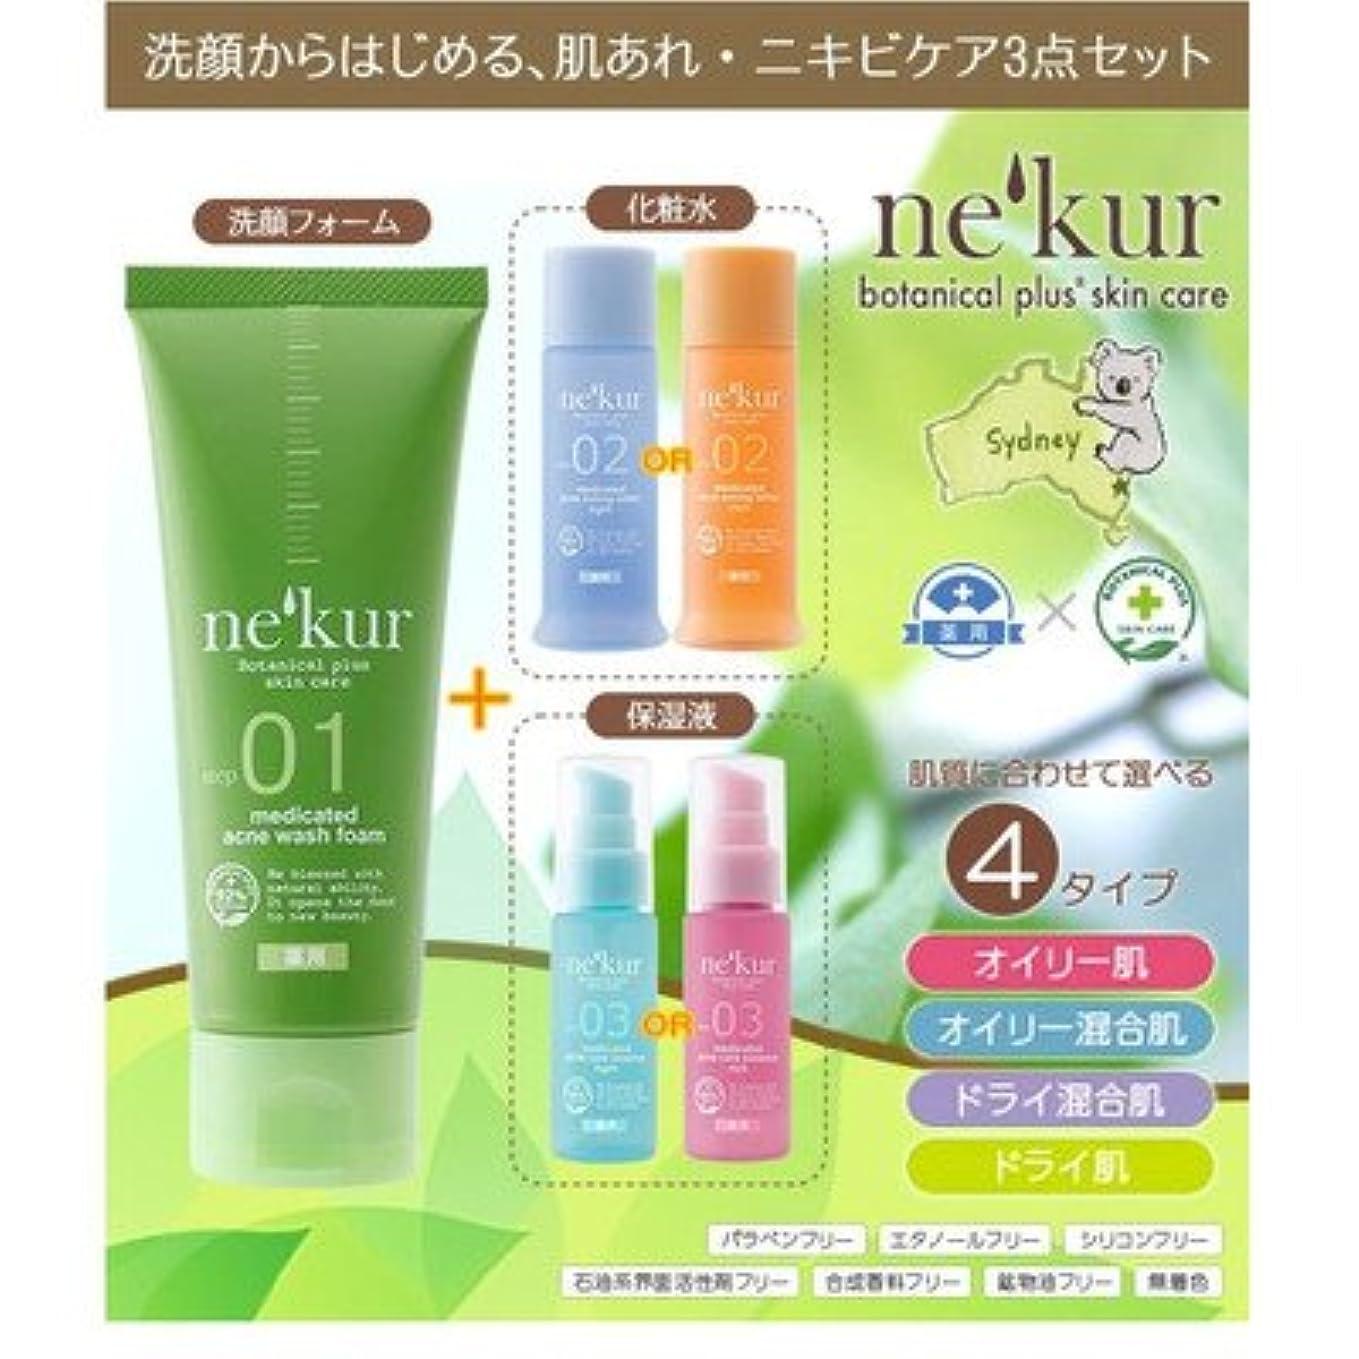 合併症見せます所持ネクア(nekur) ボタニカルプラススキンケア 薬用アクネ洗顔3点セット ドライ肌セット( 画像はイメージ画像です お届けの商品はドライ肌セットのみとなります)